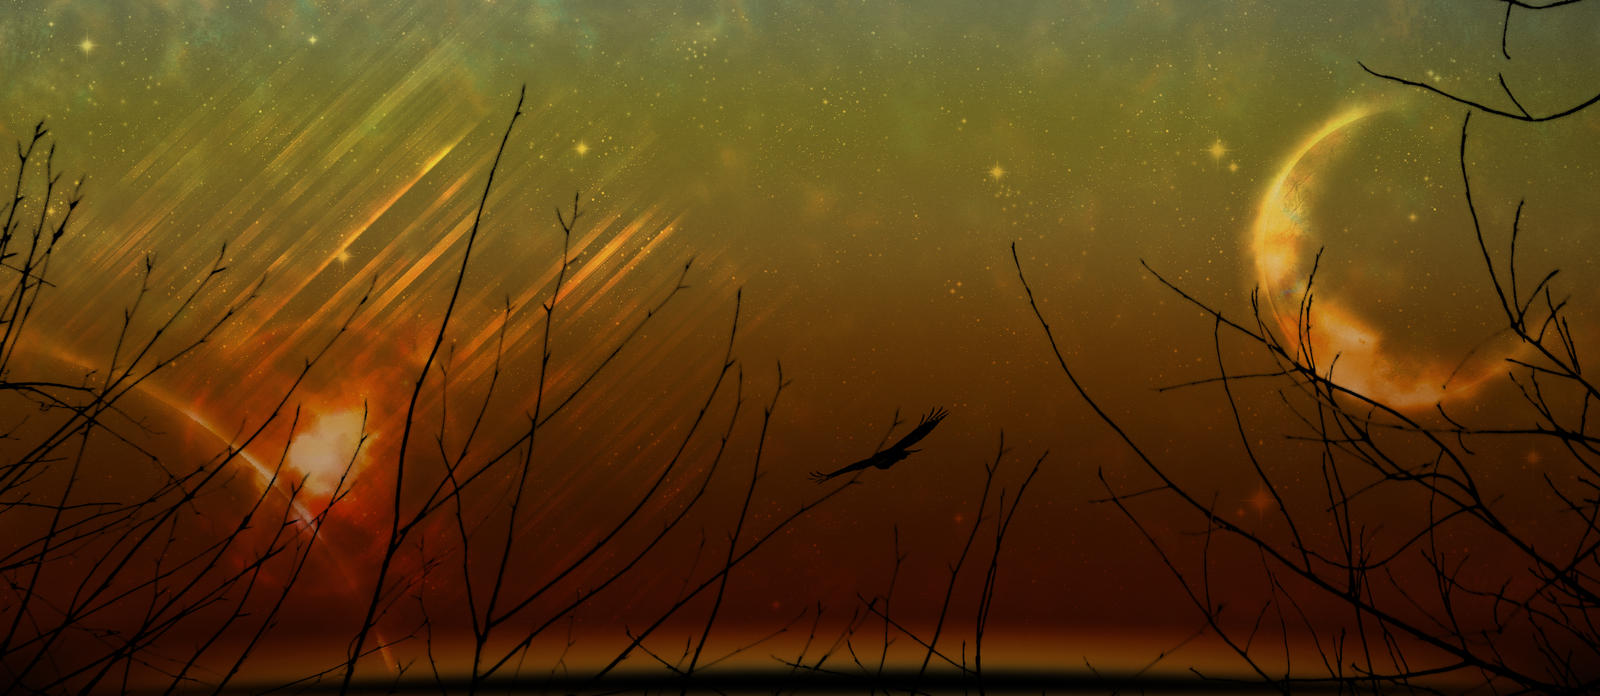 Wallpaper Space Bird by Zulma-san